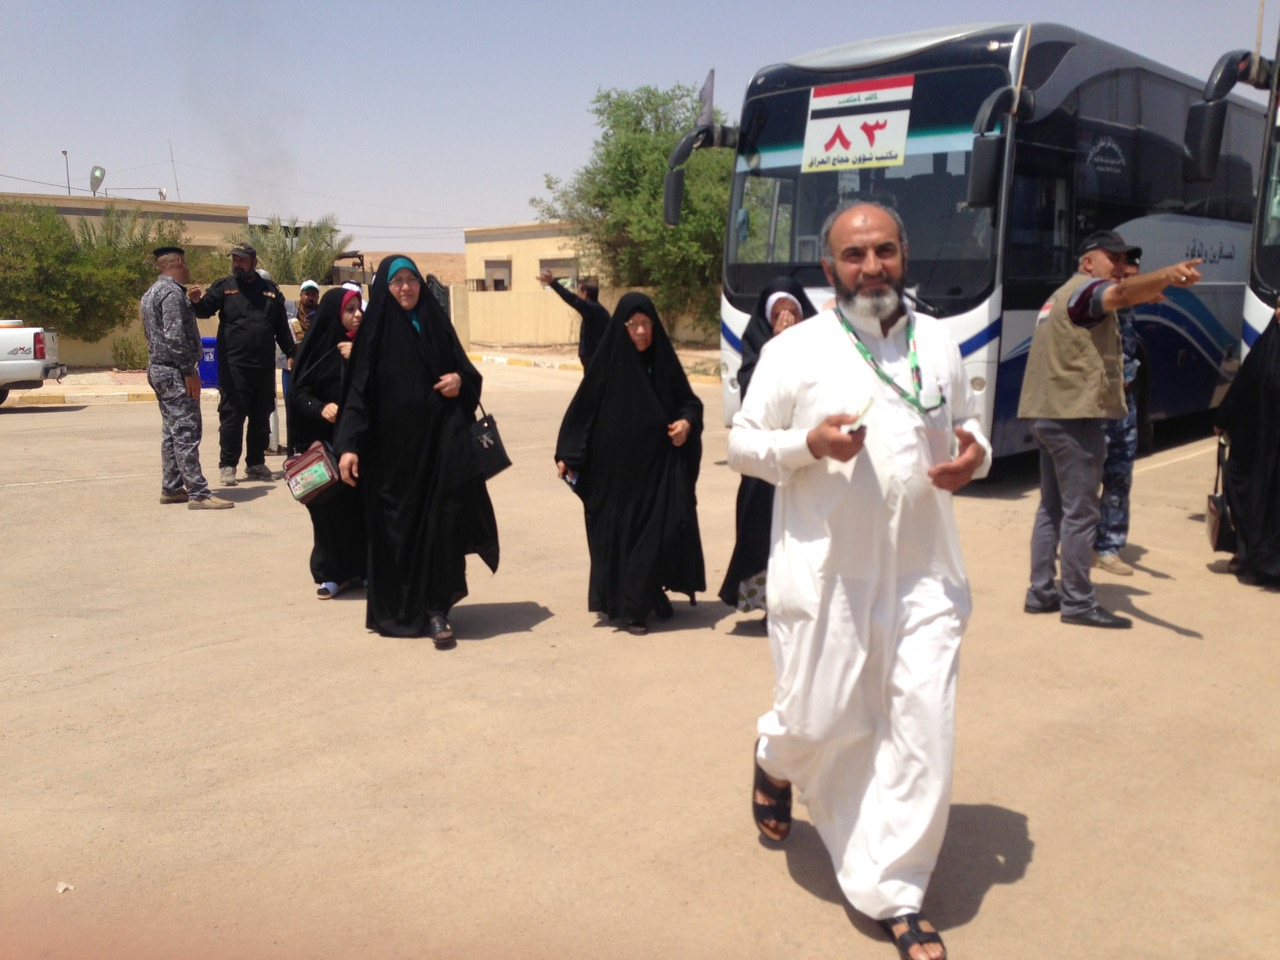 ادارة منفذ عرعر تعلن انتهاء تفويج الحجاج براً الى السعودية